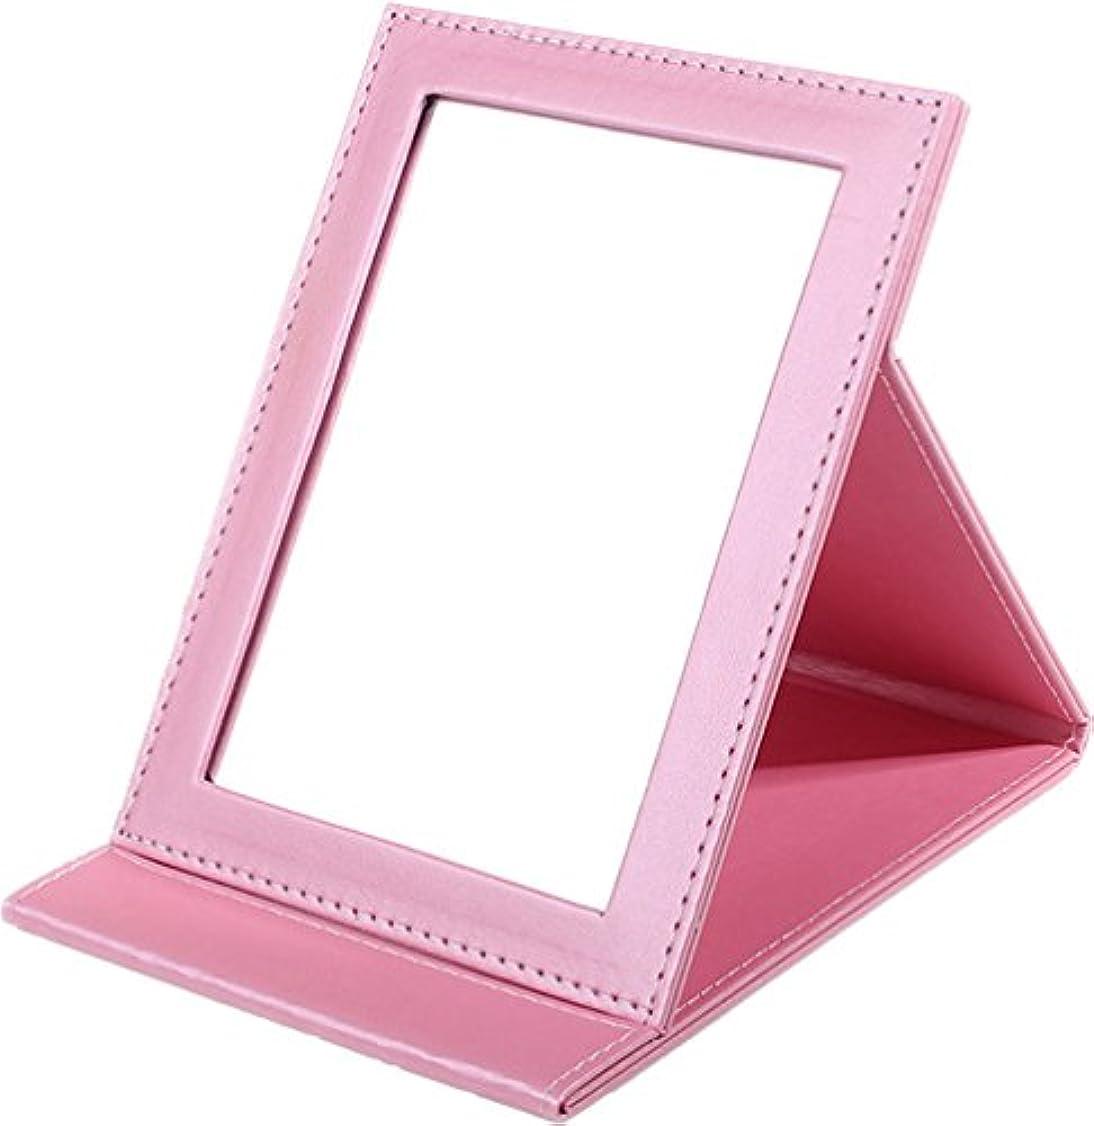 おめでとうステレオタイプ自治Sunset House 折りたたみミラー レザー 鏡 ピンク 小 中 大 3サイズ (M)